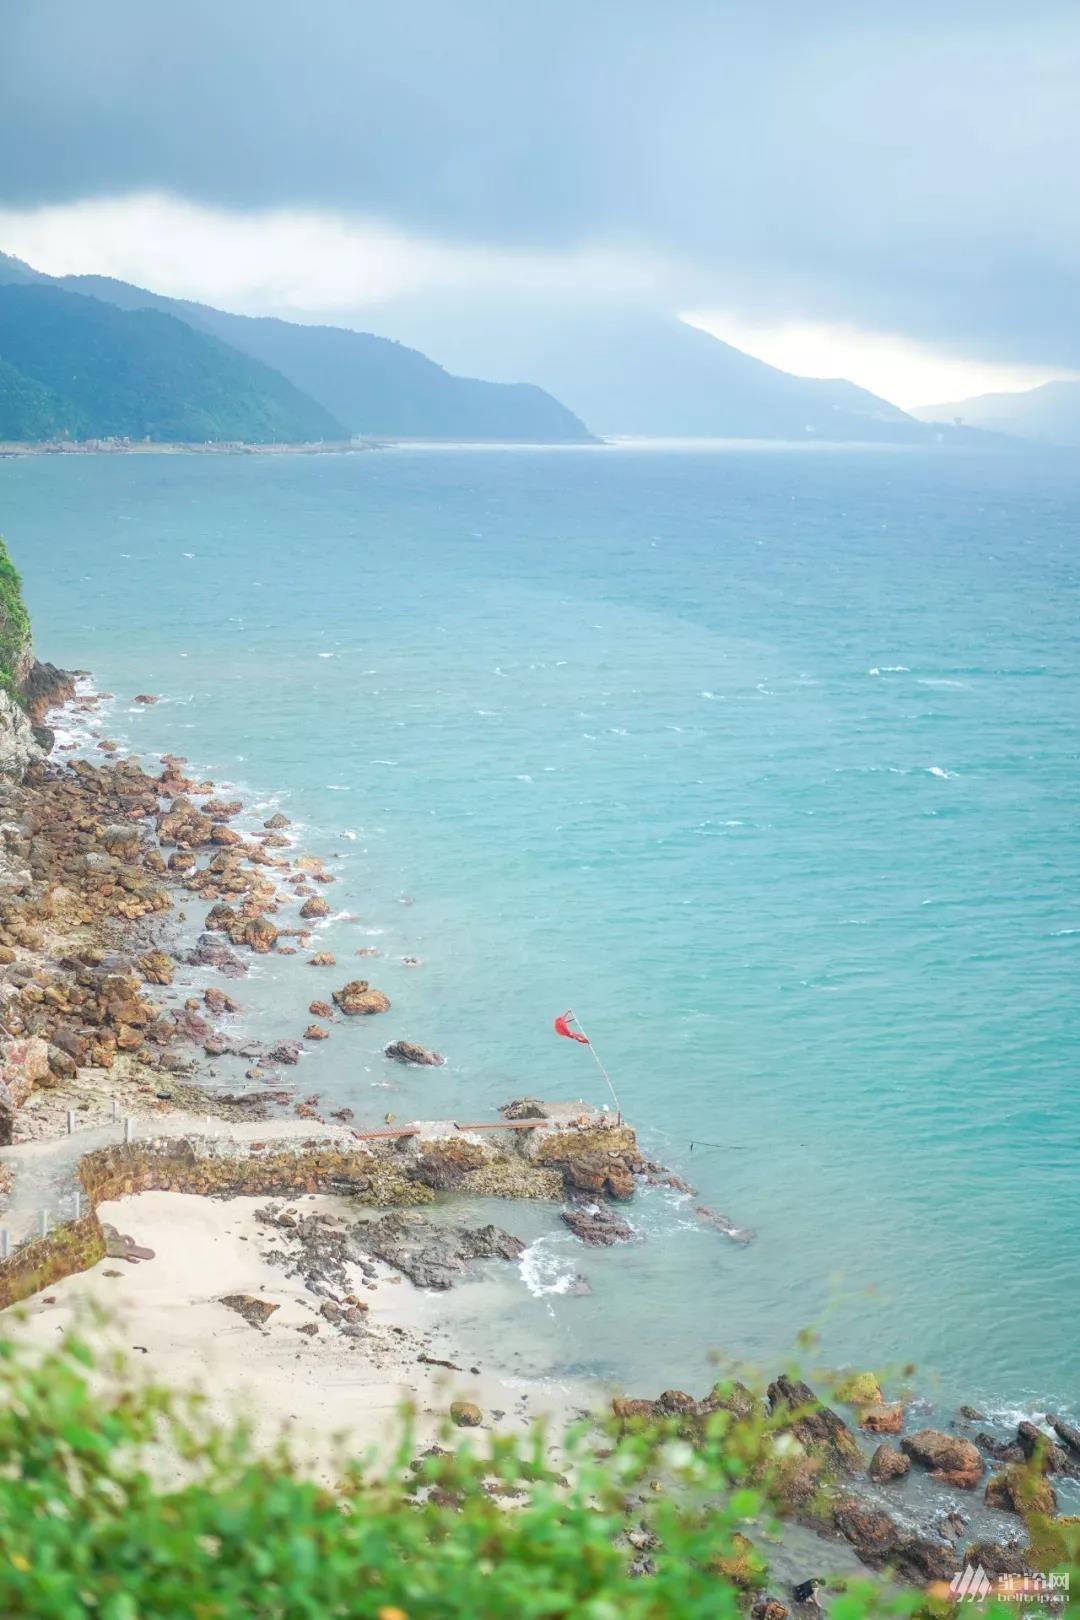 (17)【最美山海径】徒步海角山脉,最美海岸线,登顶大雁顶,打卡《美人鱼》拍摄地~-户外活动图-驼铃网